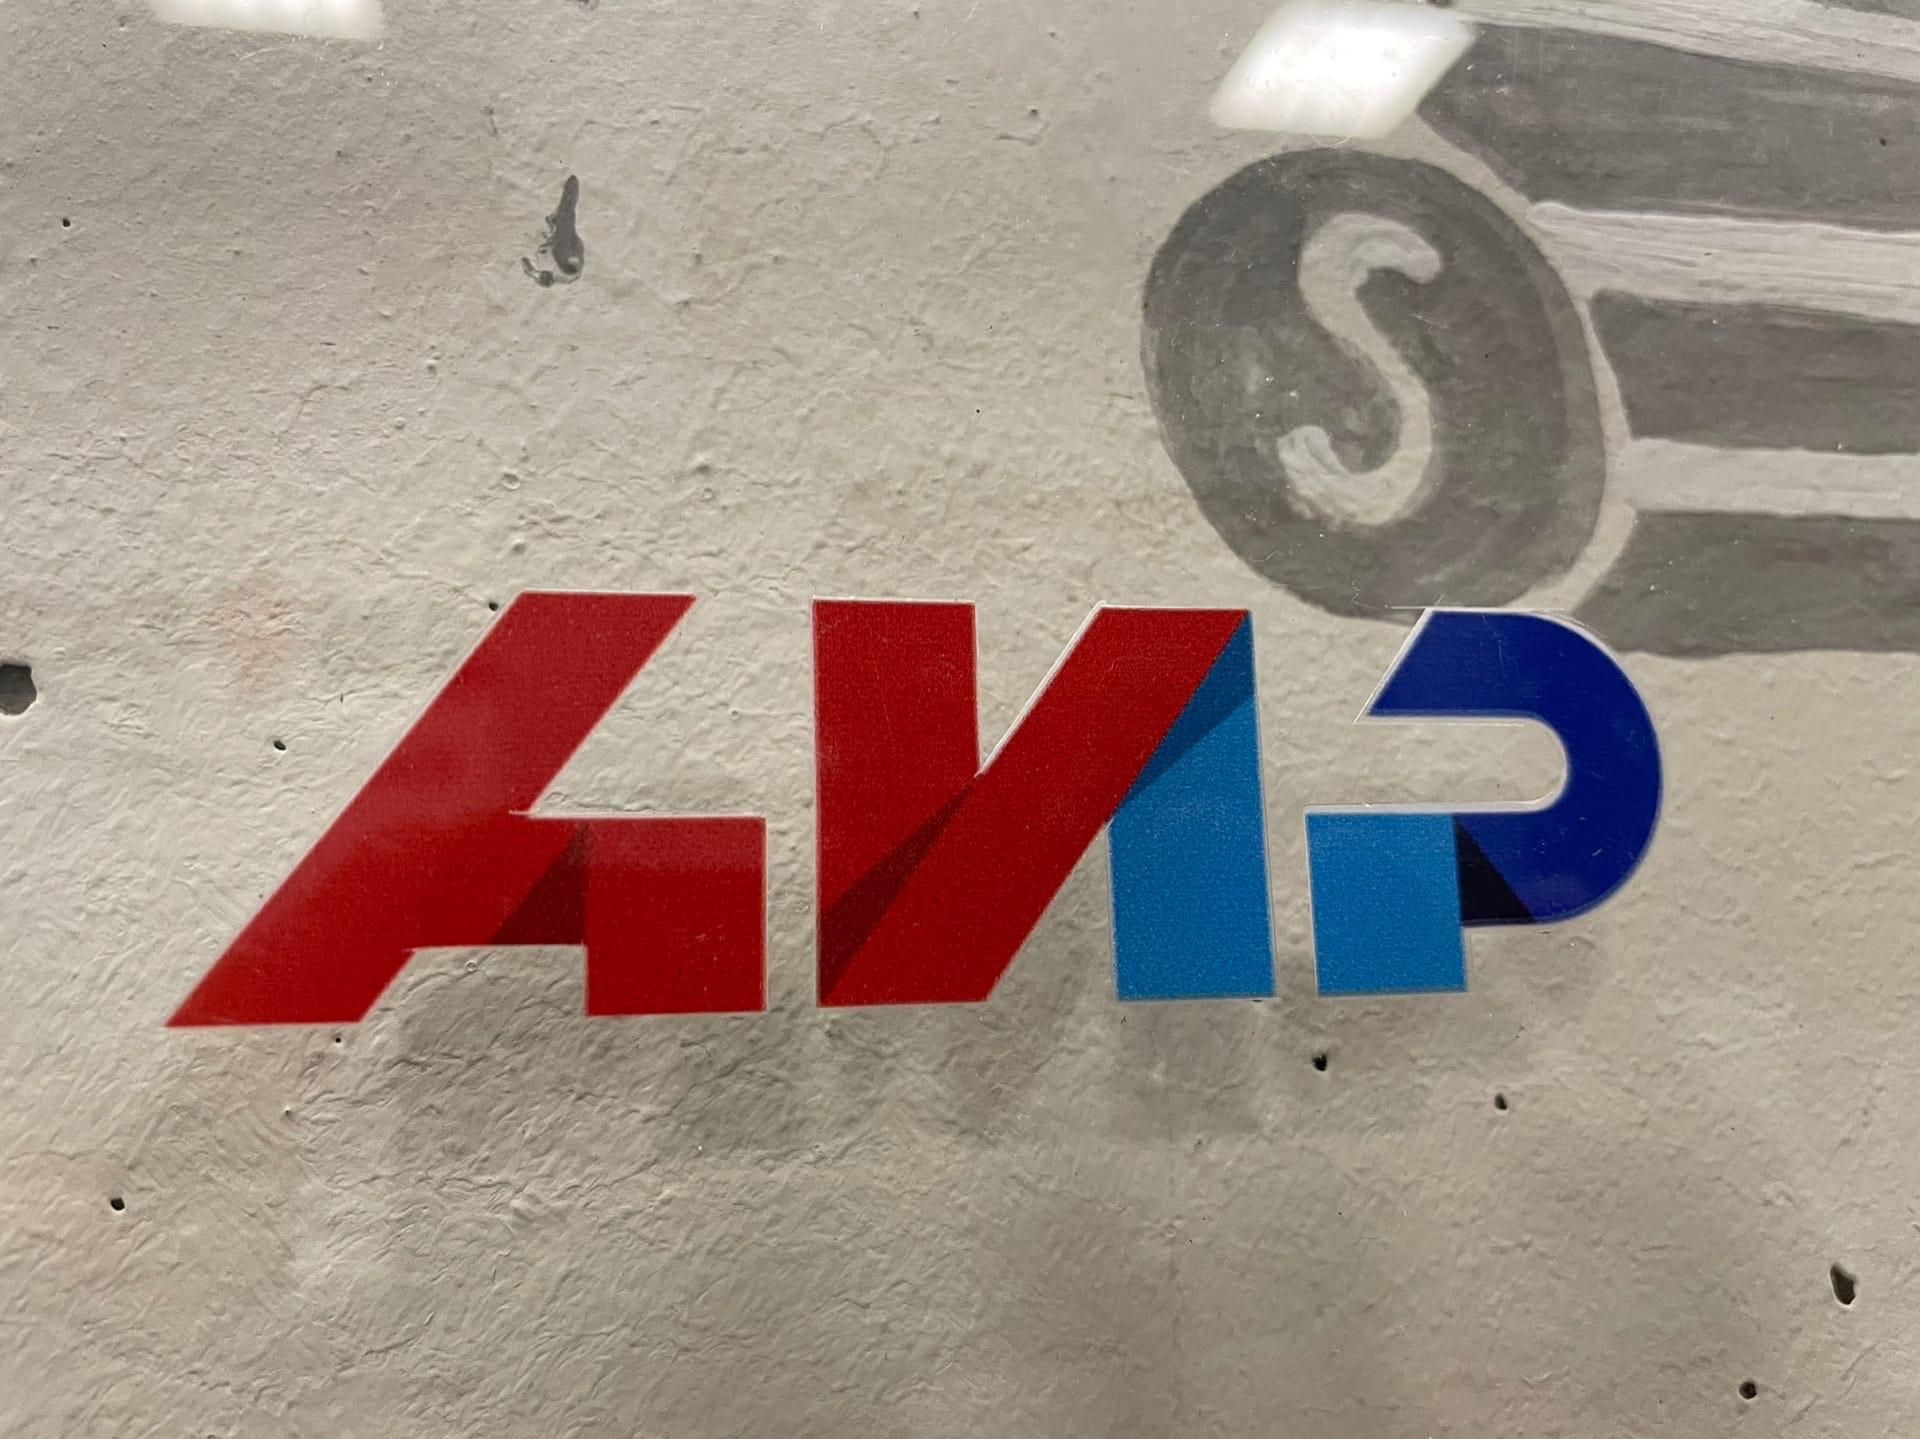 АИР может потратить 1,4 млн руб. на организацию бизнес-мероприятия